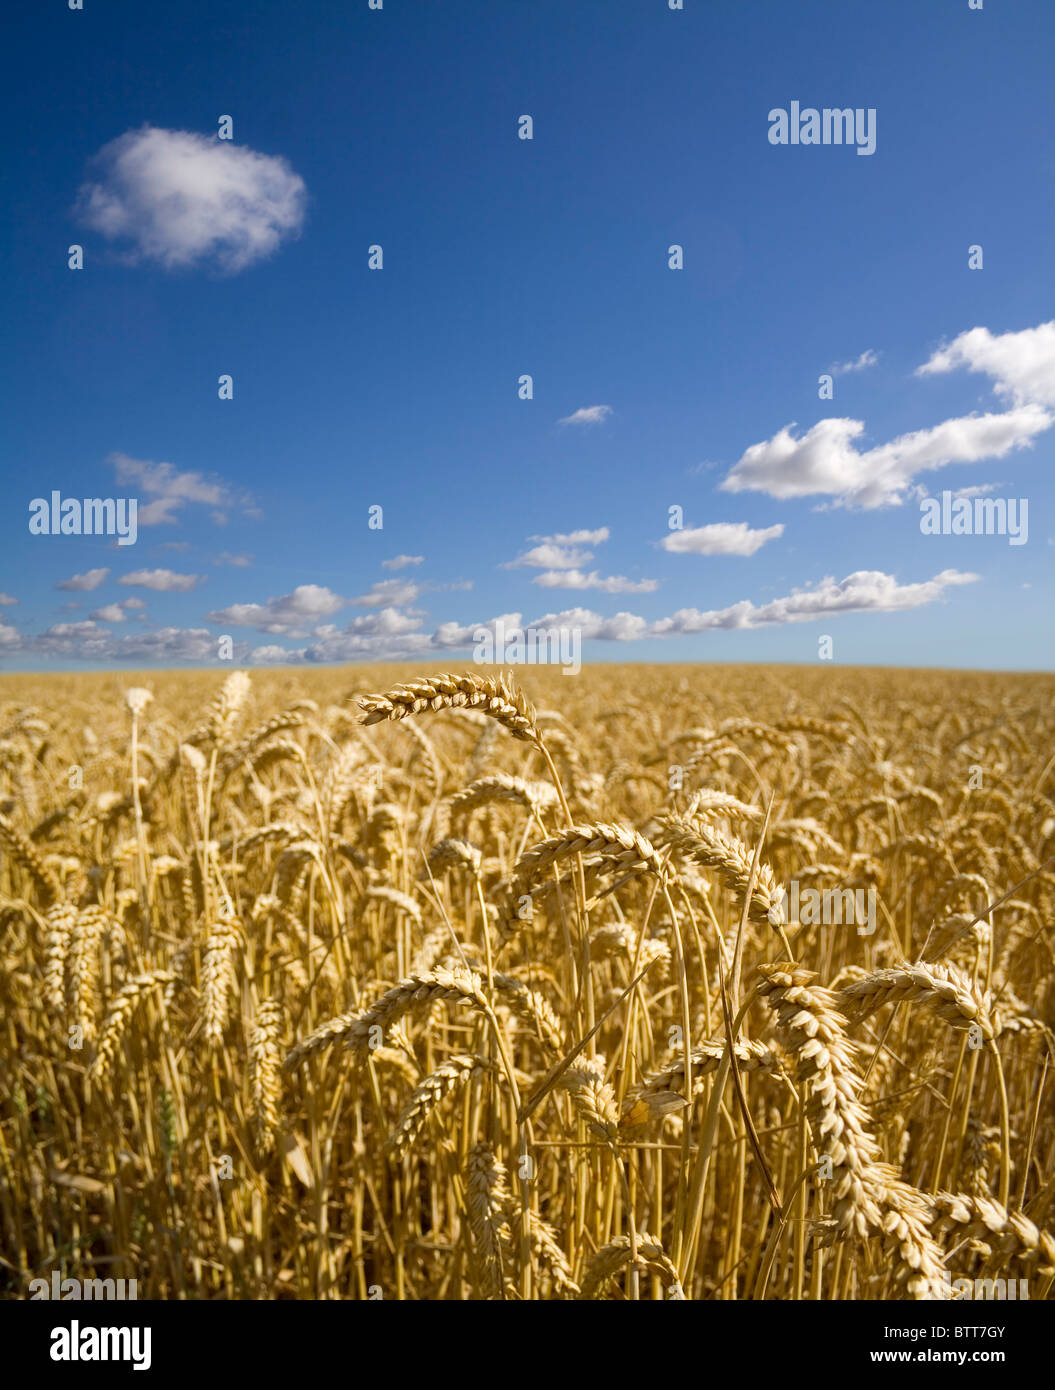 Un campo di maturazione estate frumento sotto un cielo blu chiaro. Immagini Stock